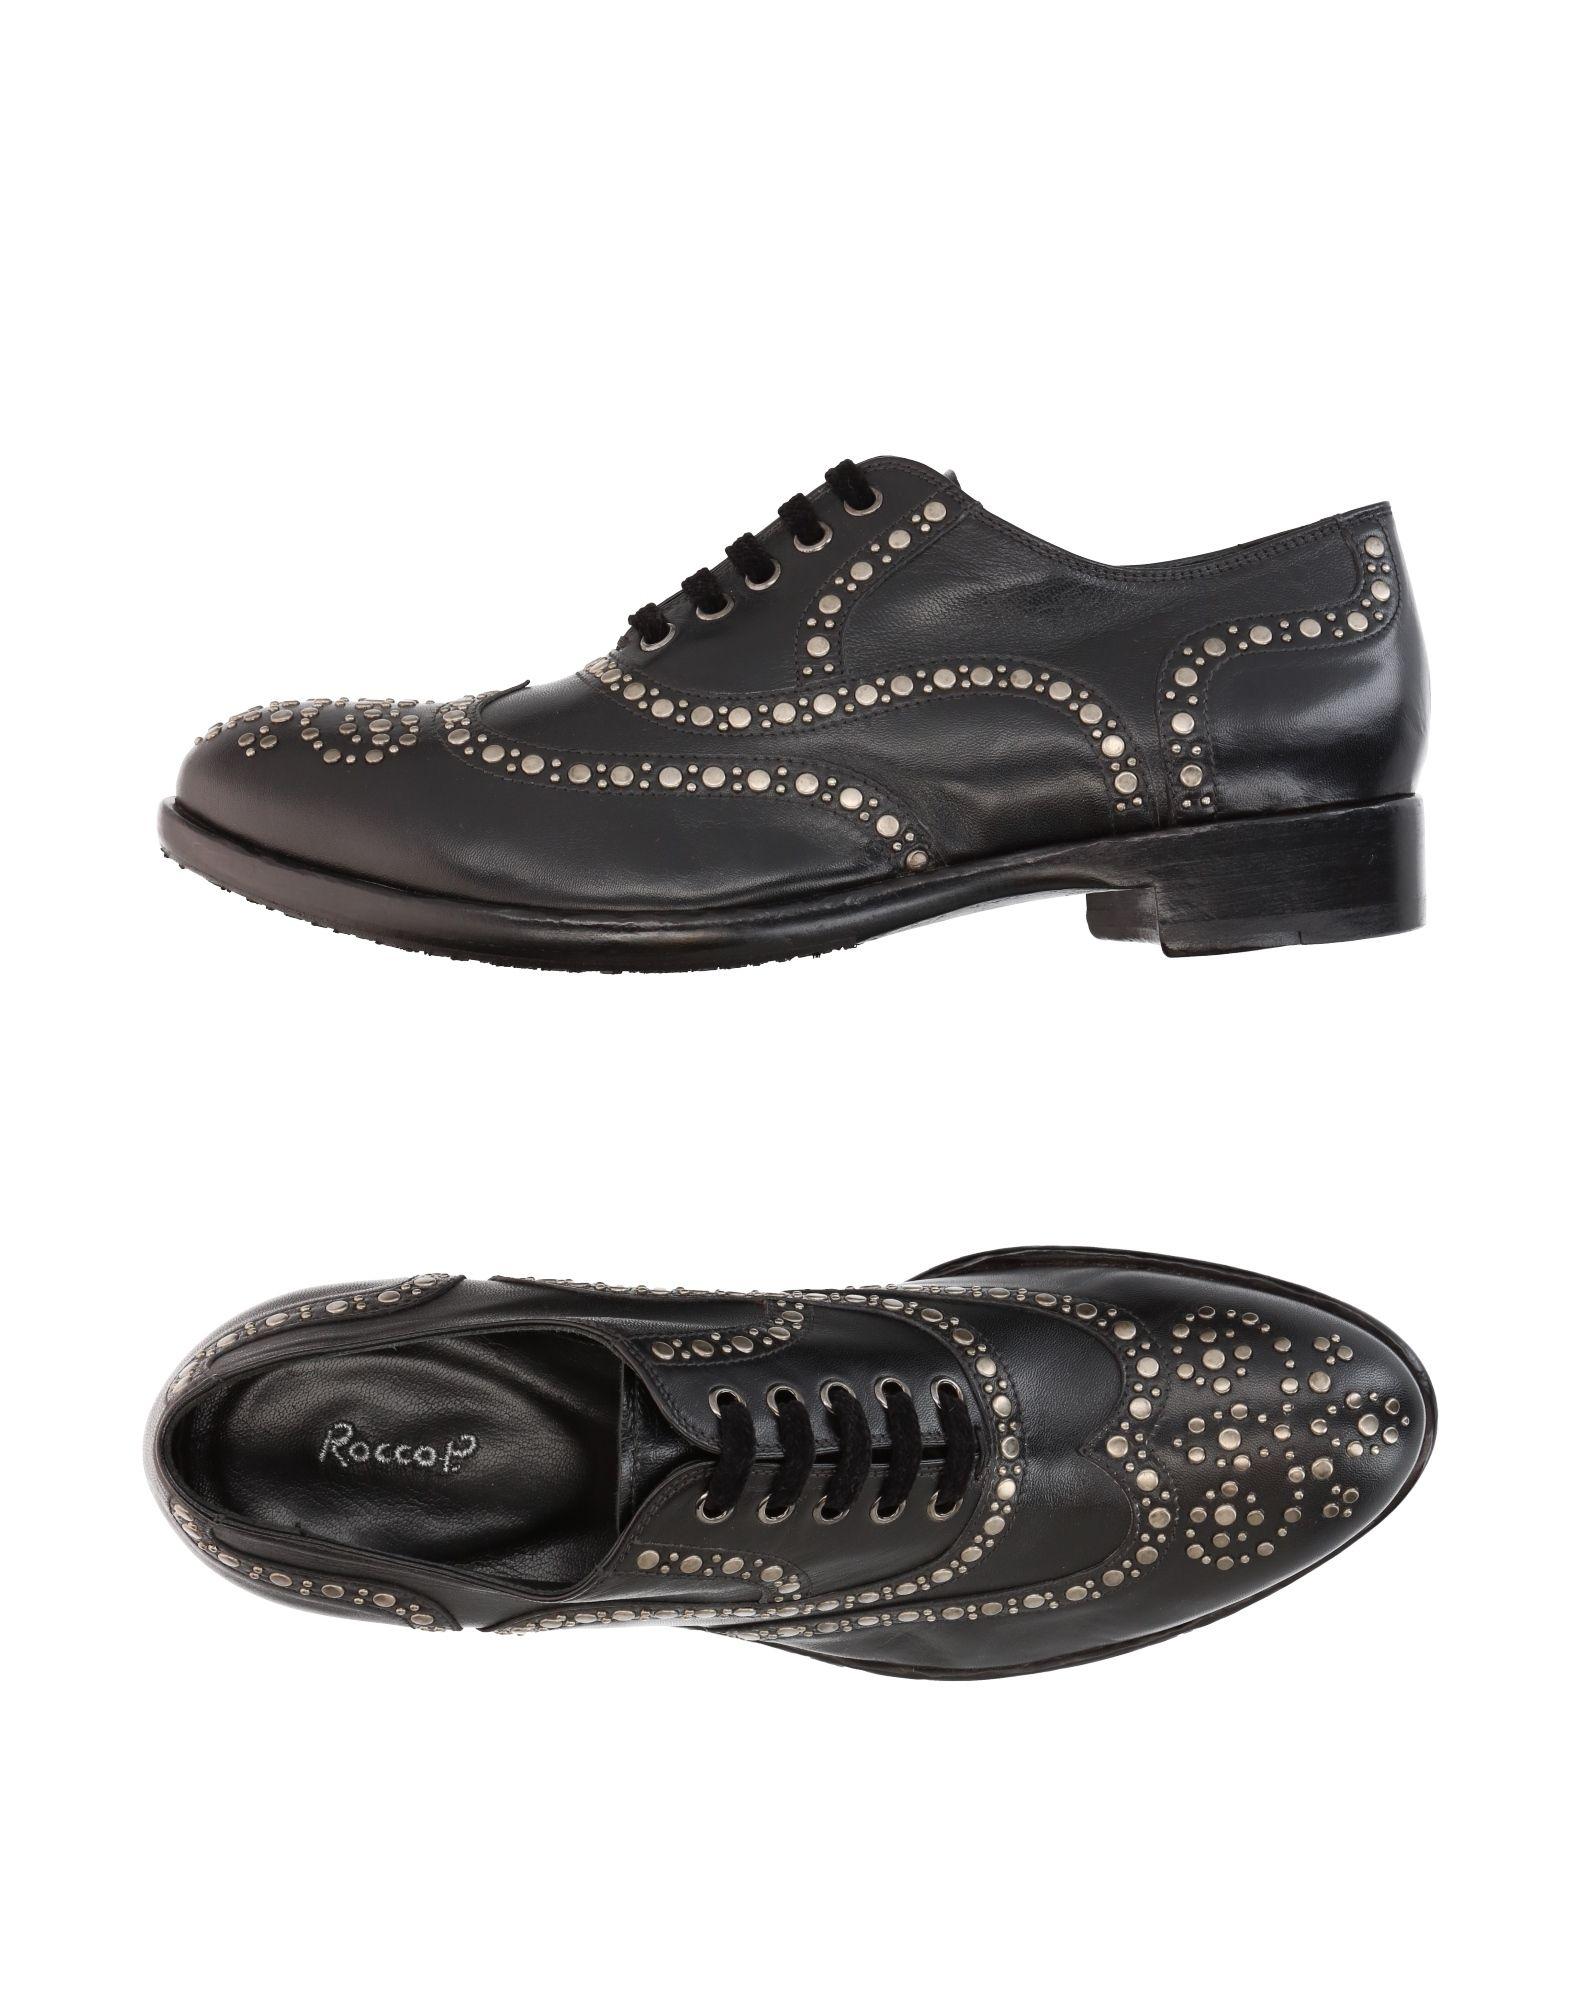 Rocco P. Schnürschuhe Herren  11303250HJ Gute Qualität beliebte Schuhe